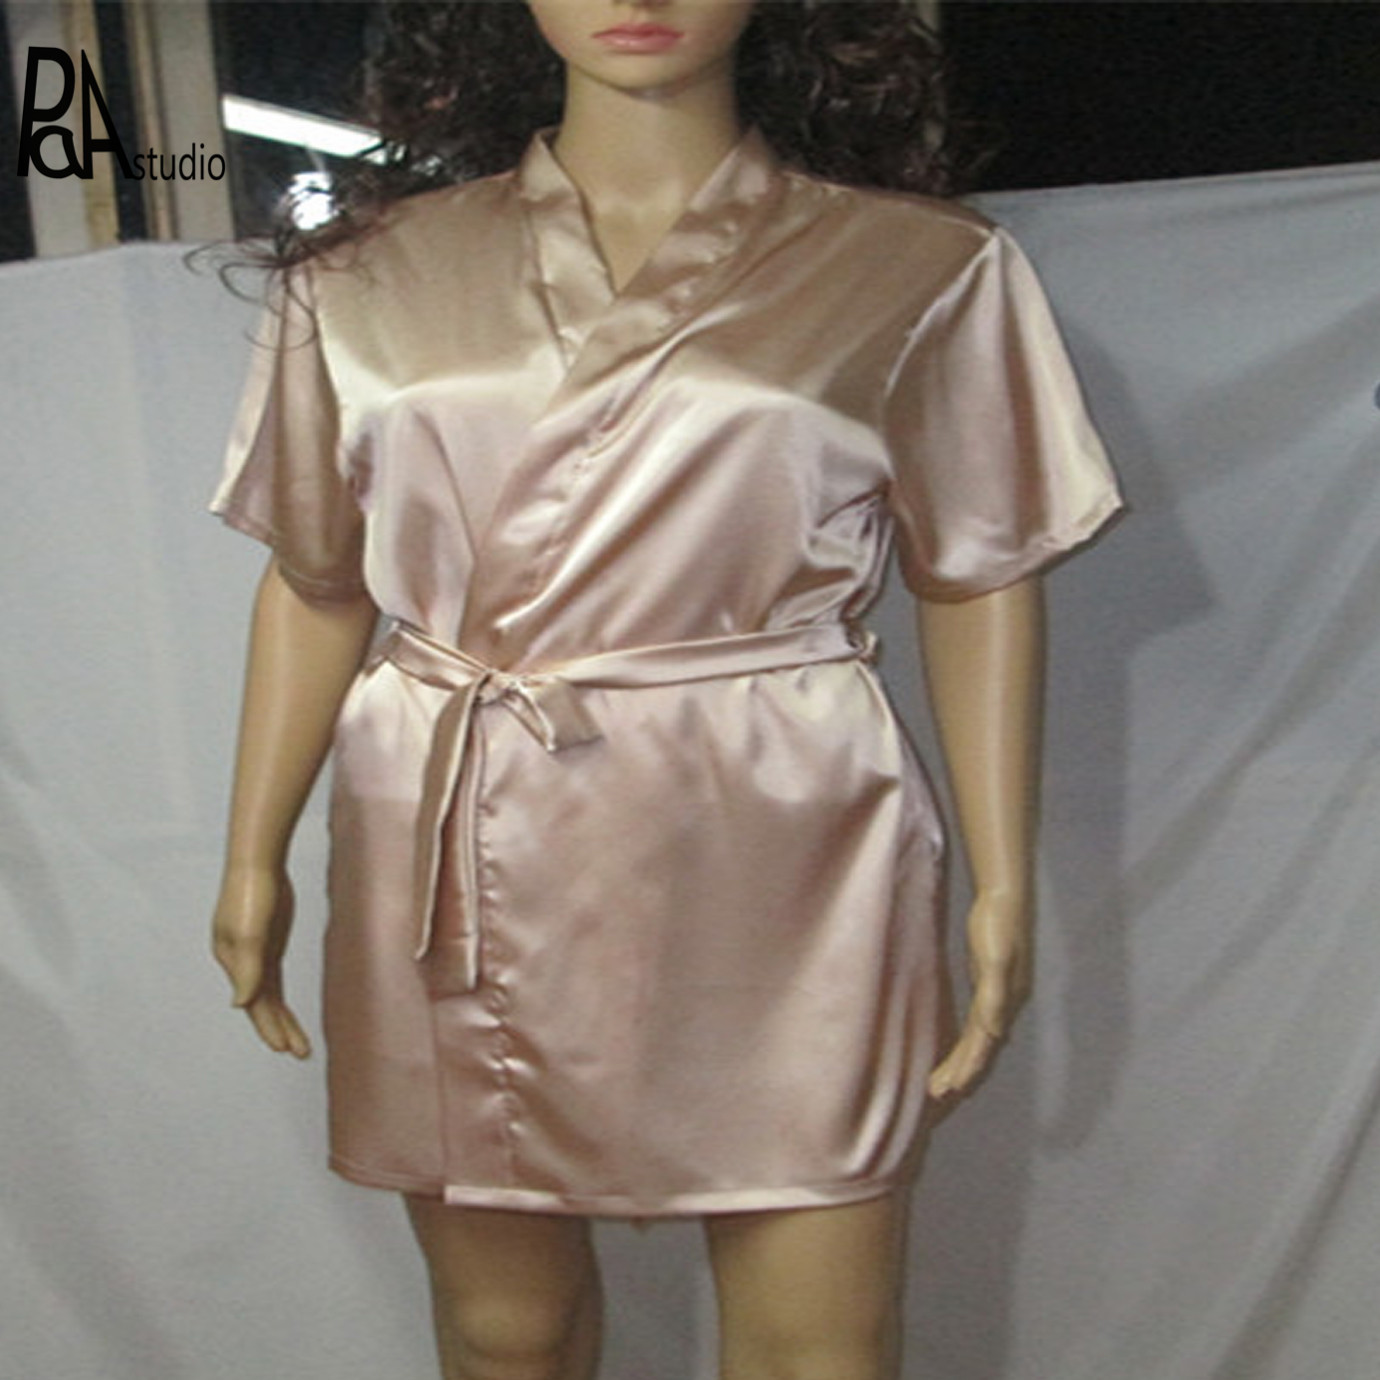 Ceinture 3xl La Peignoir Taille Avec Satin Xxl Homme Soie Plus Femme CvqtOqS